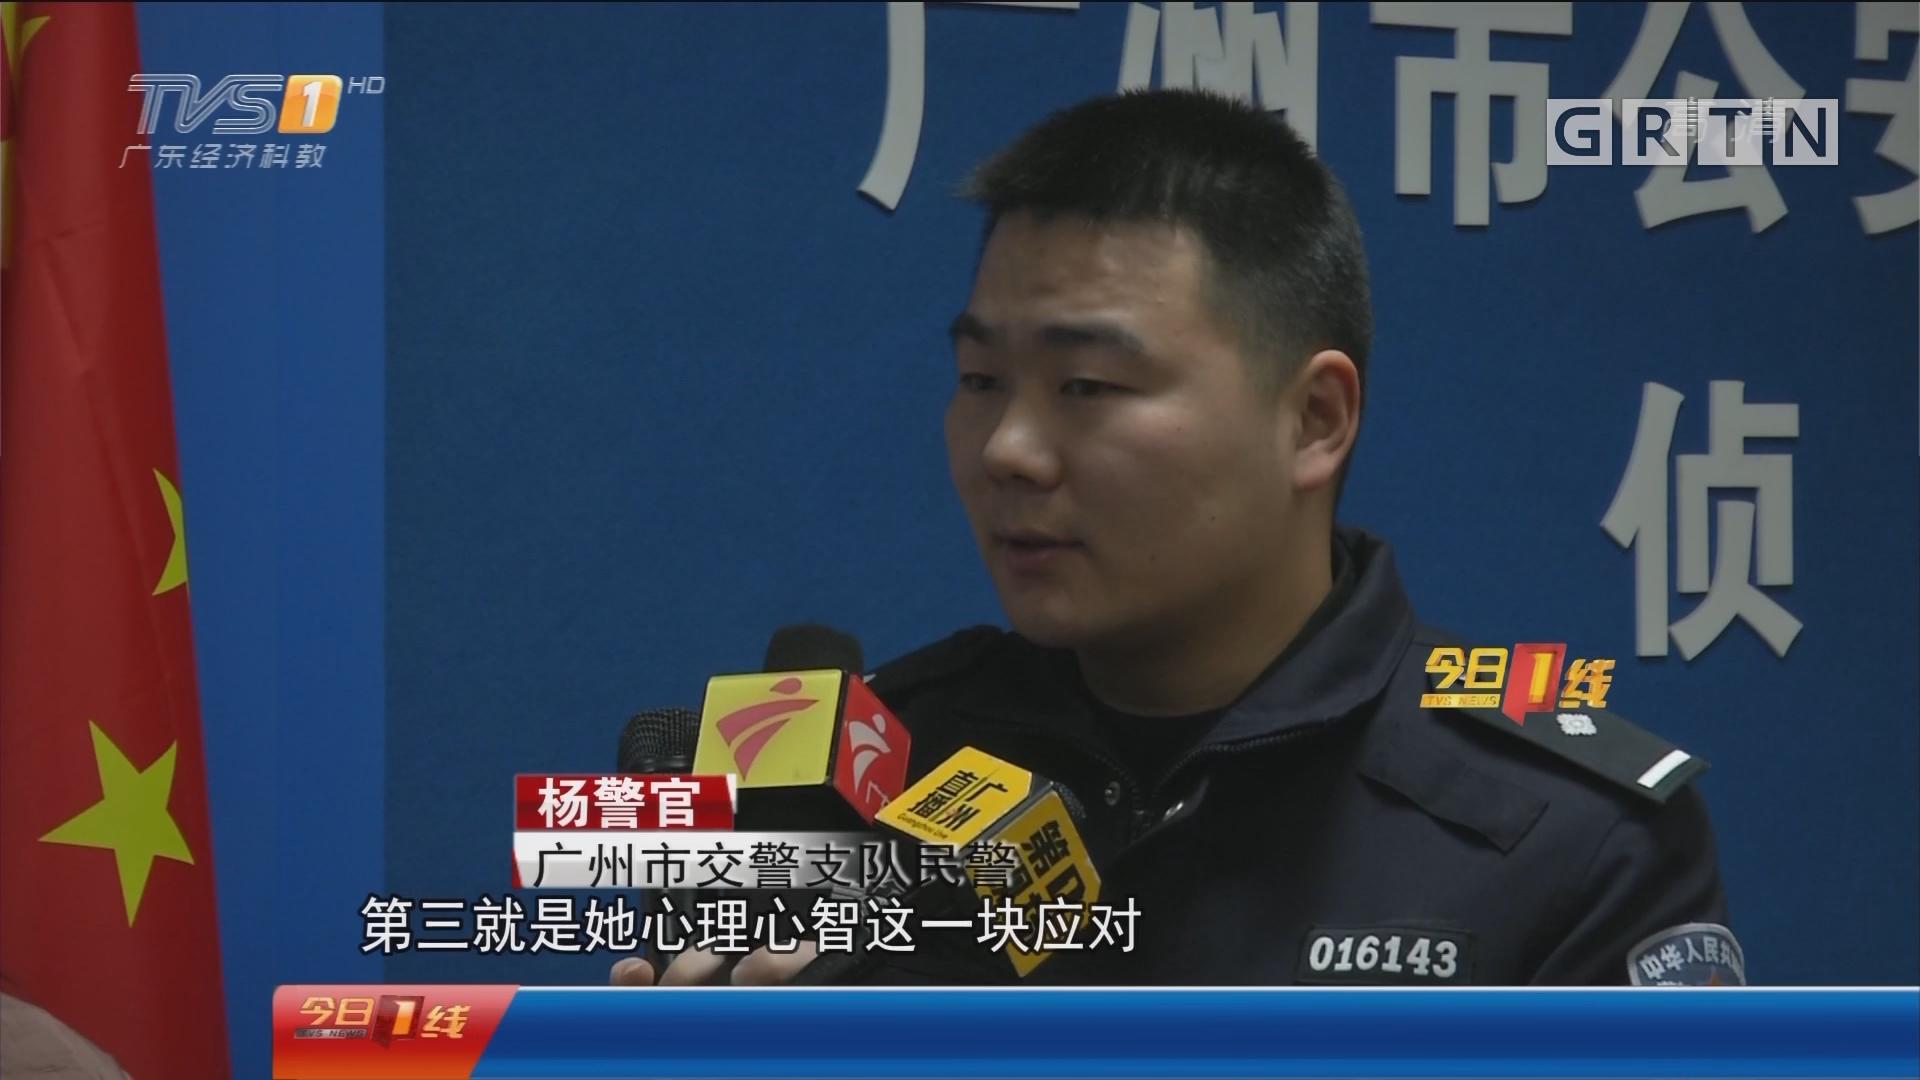 广州:拖行碾压的哥后逃逸 无良女司机归案